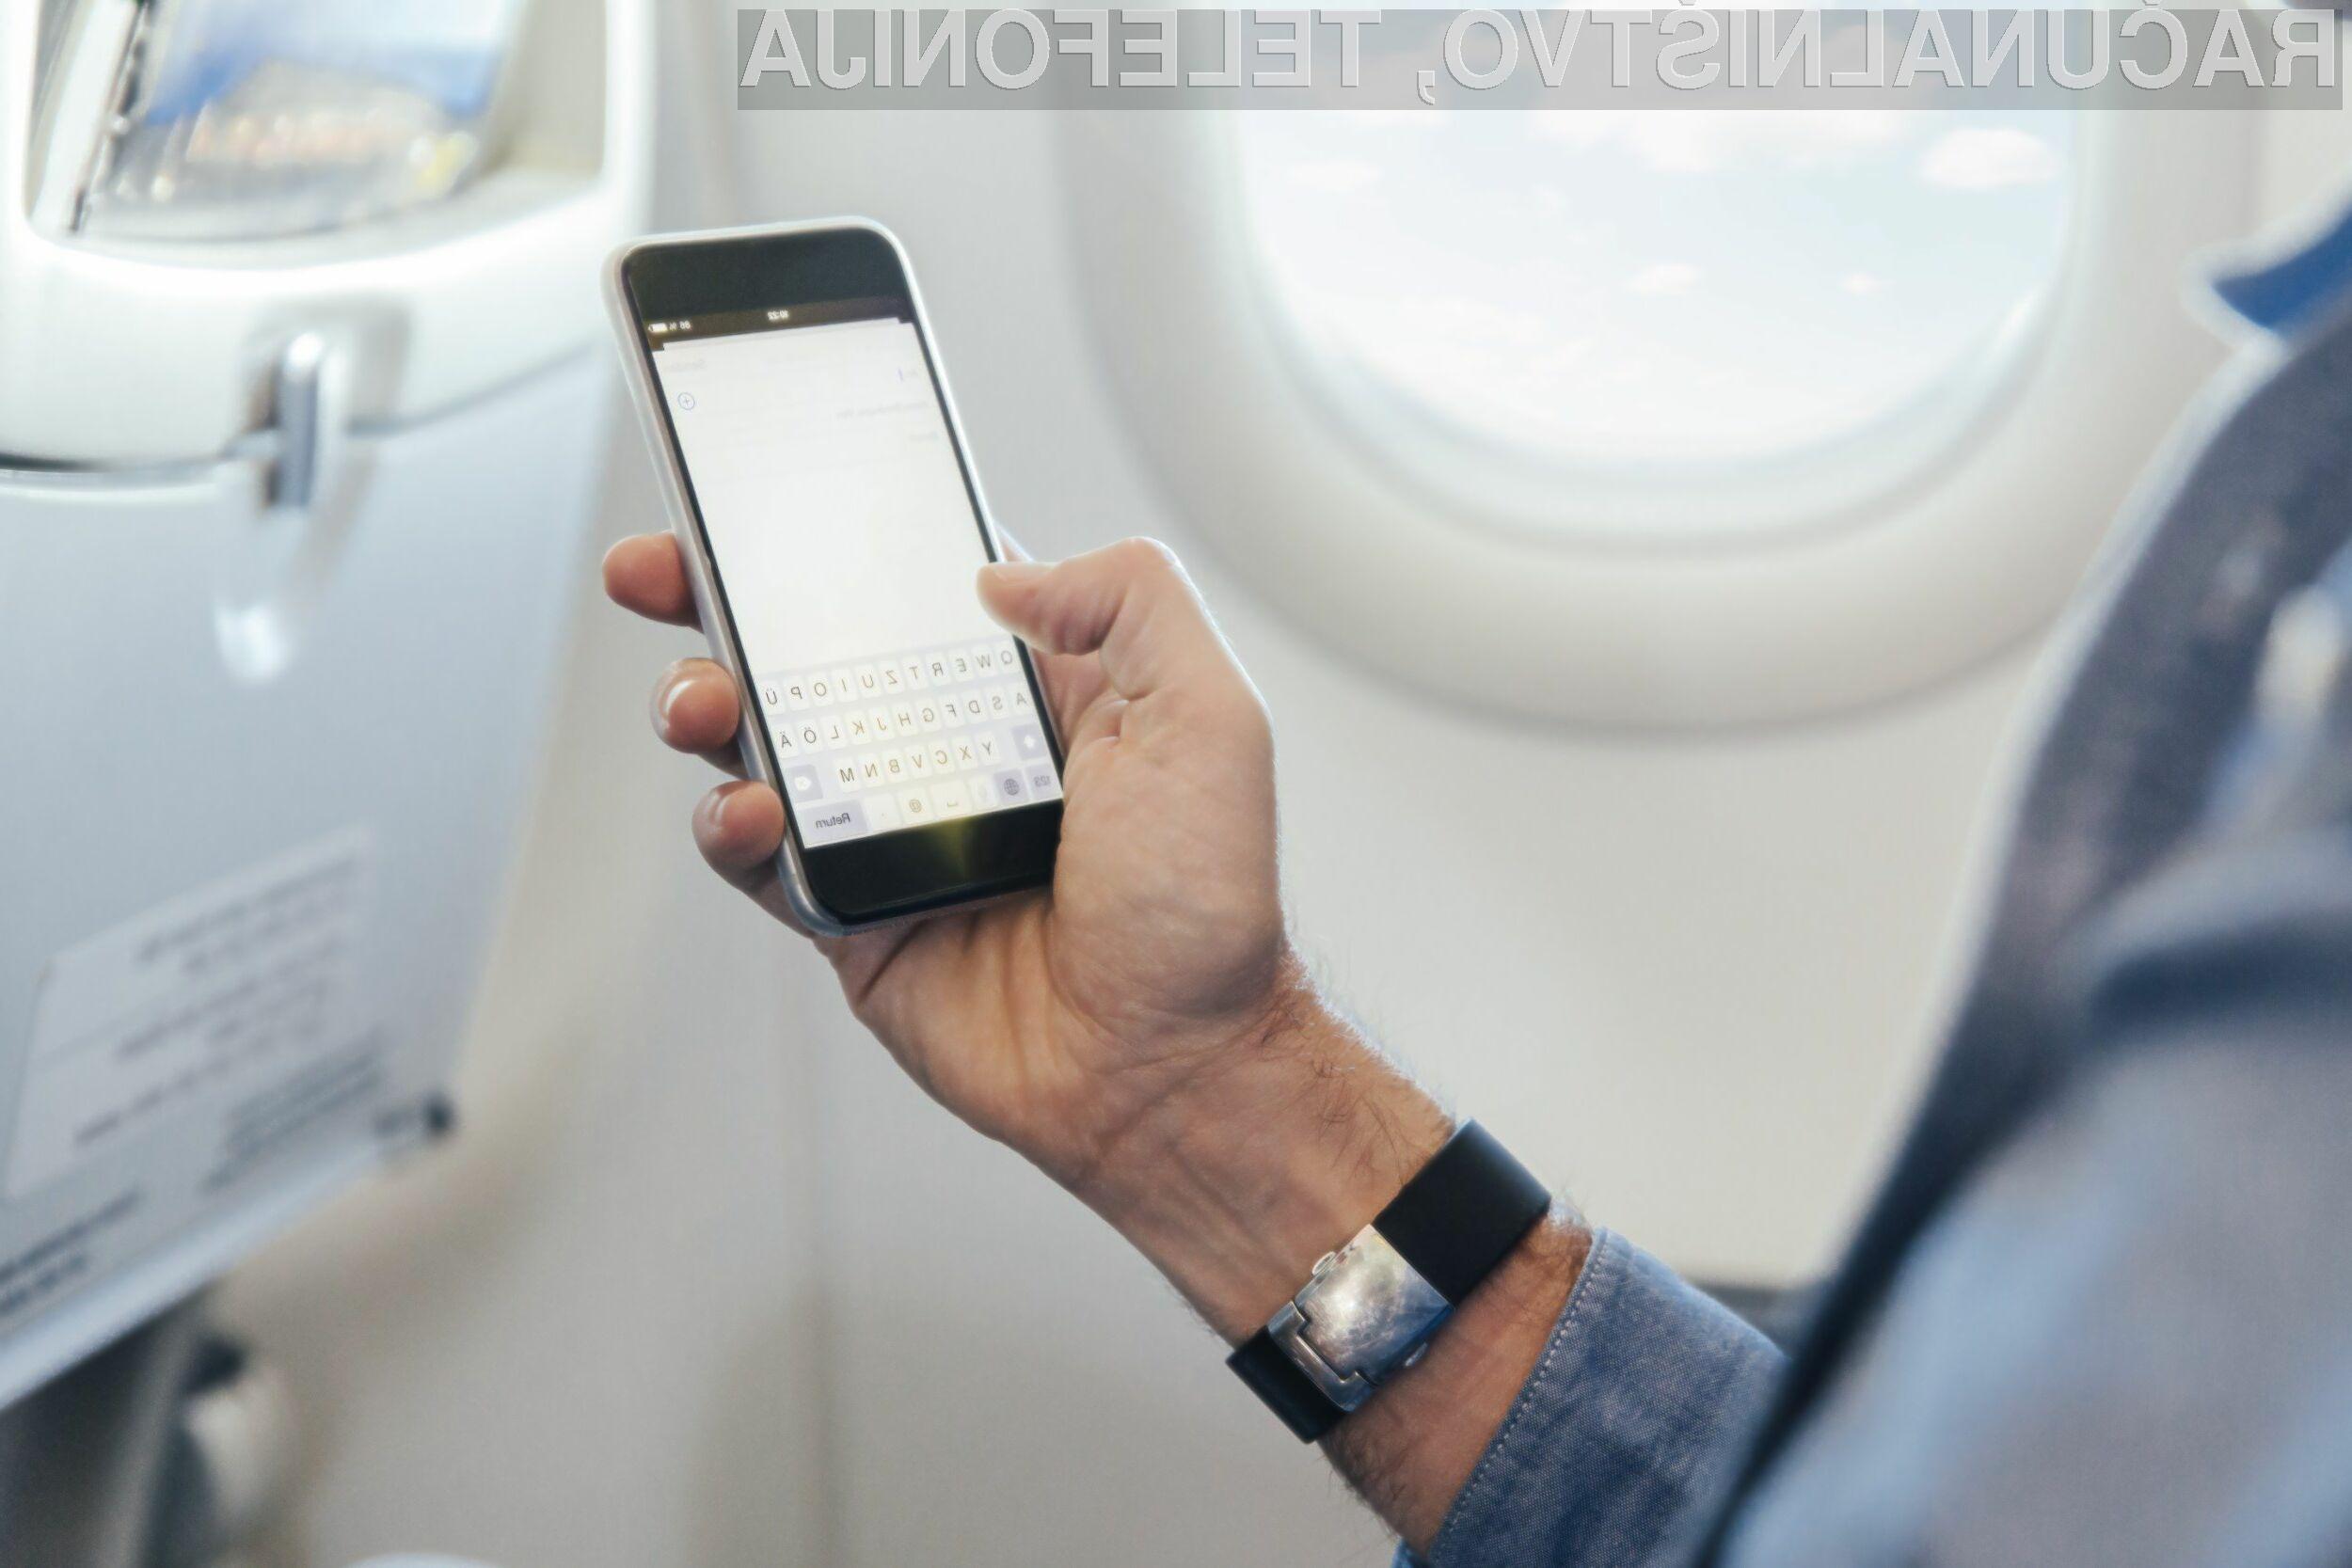 Omejitev vnosa večjih elektronskih naprav bo prizadela predvsem poslovneže, ki na dolgih letih delajo na prenosnikih.